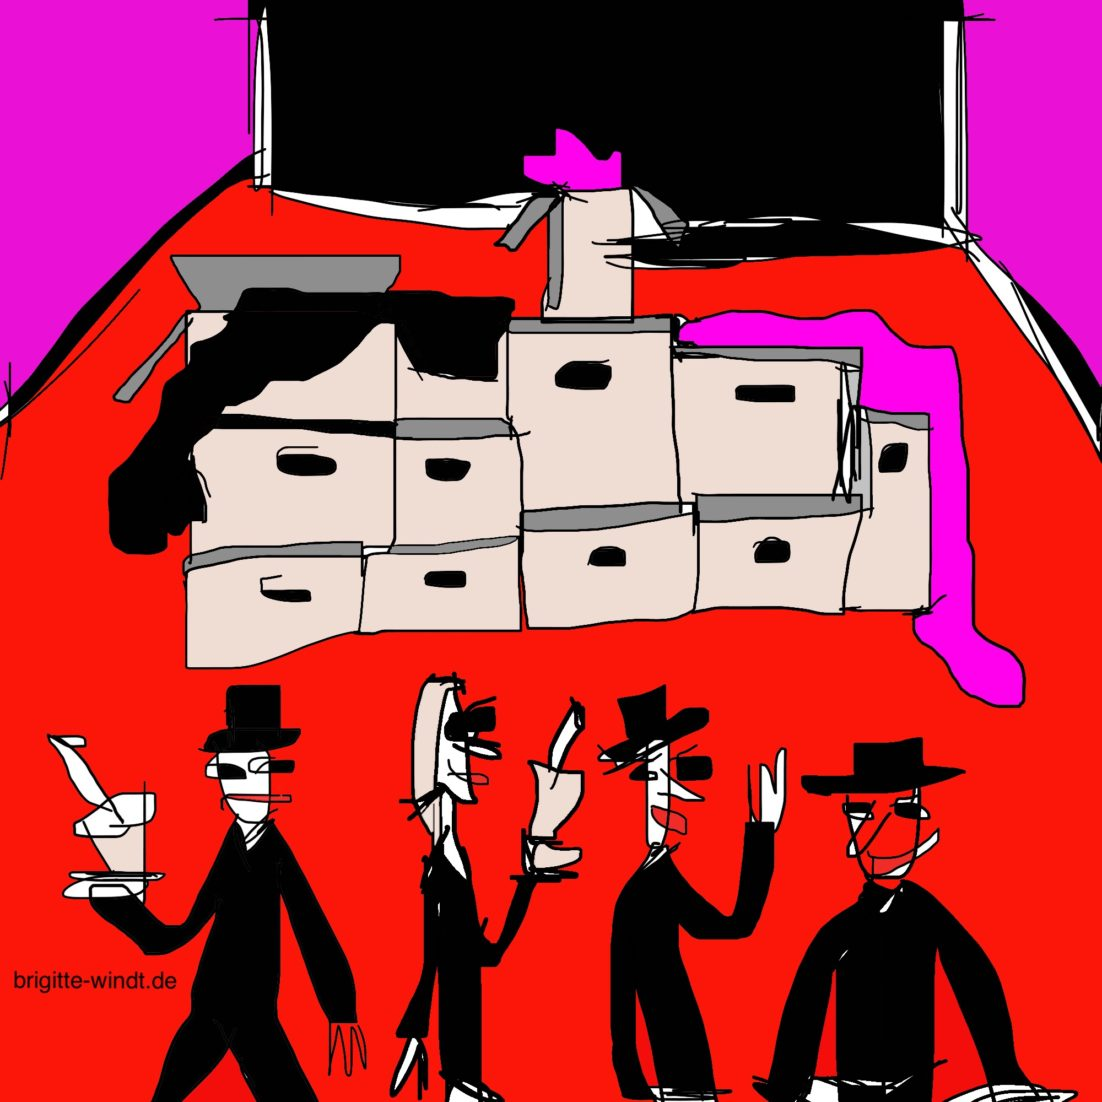 VAGES VERSPRECHEN Brigitte Windt. Umzugskisten im leeren Raum. Roter Boden. Violette Wände. Künstler beim Cocktailempfang im Atelier.